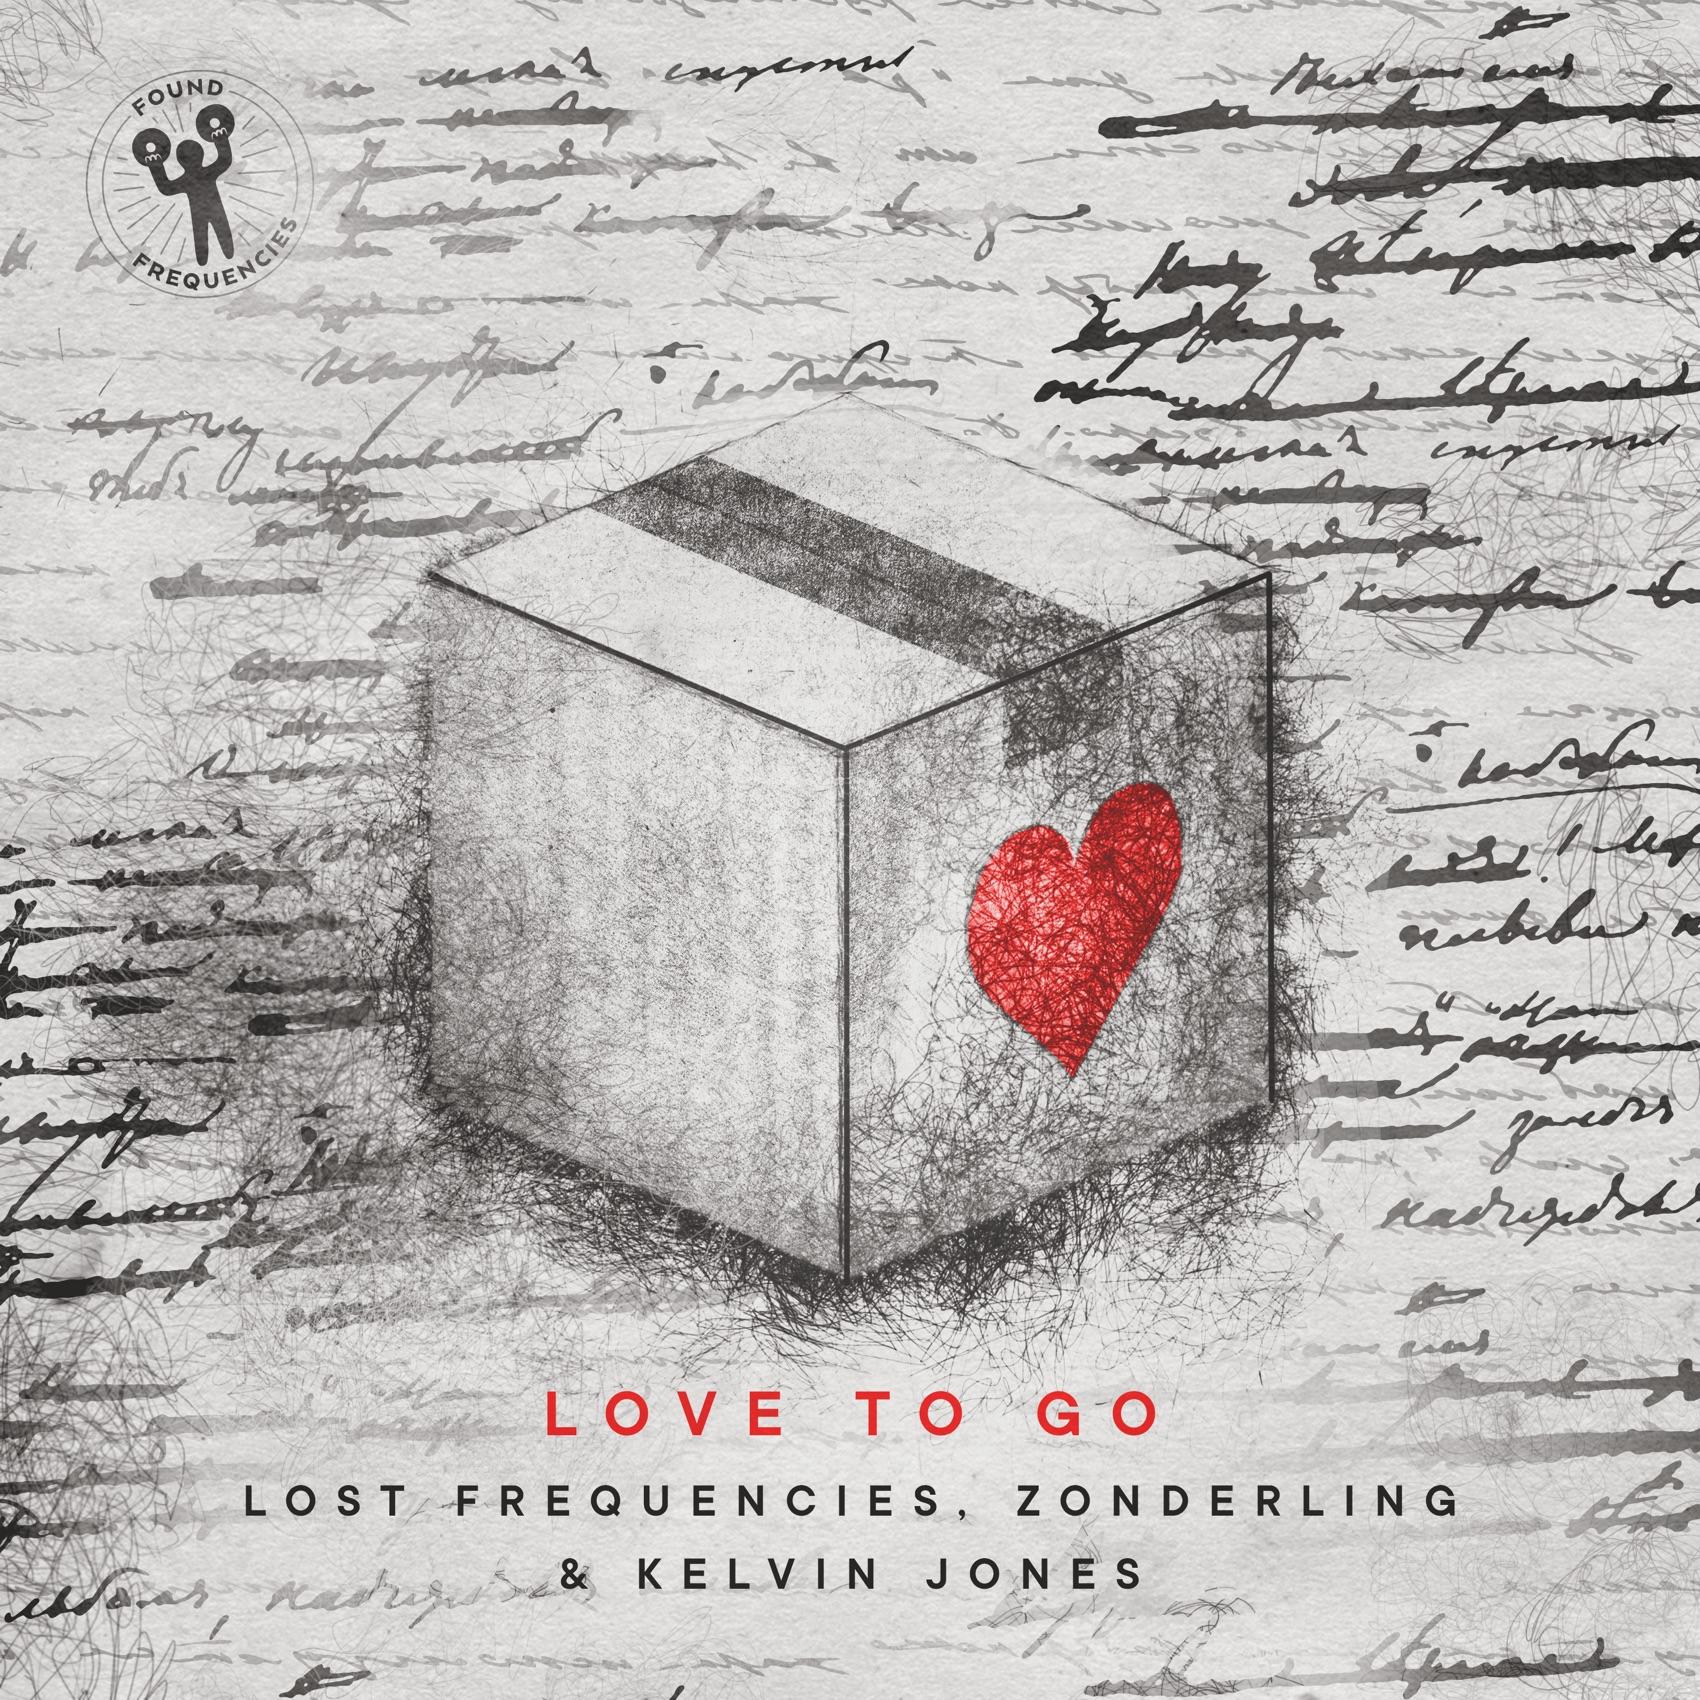 Lost Frequencies - Lost Frequencies, Zonderling & Kelvin Jones - Love To Go